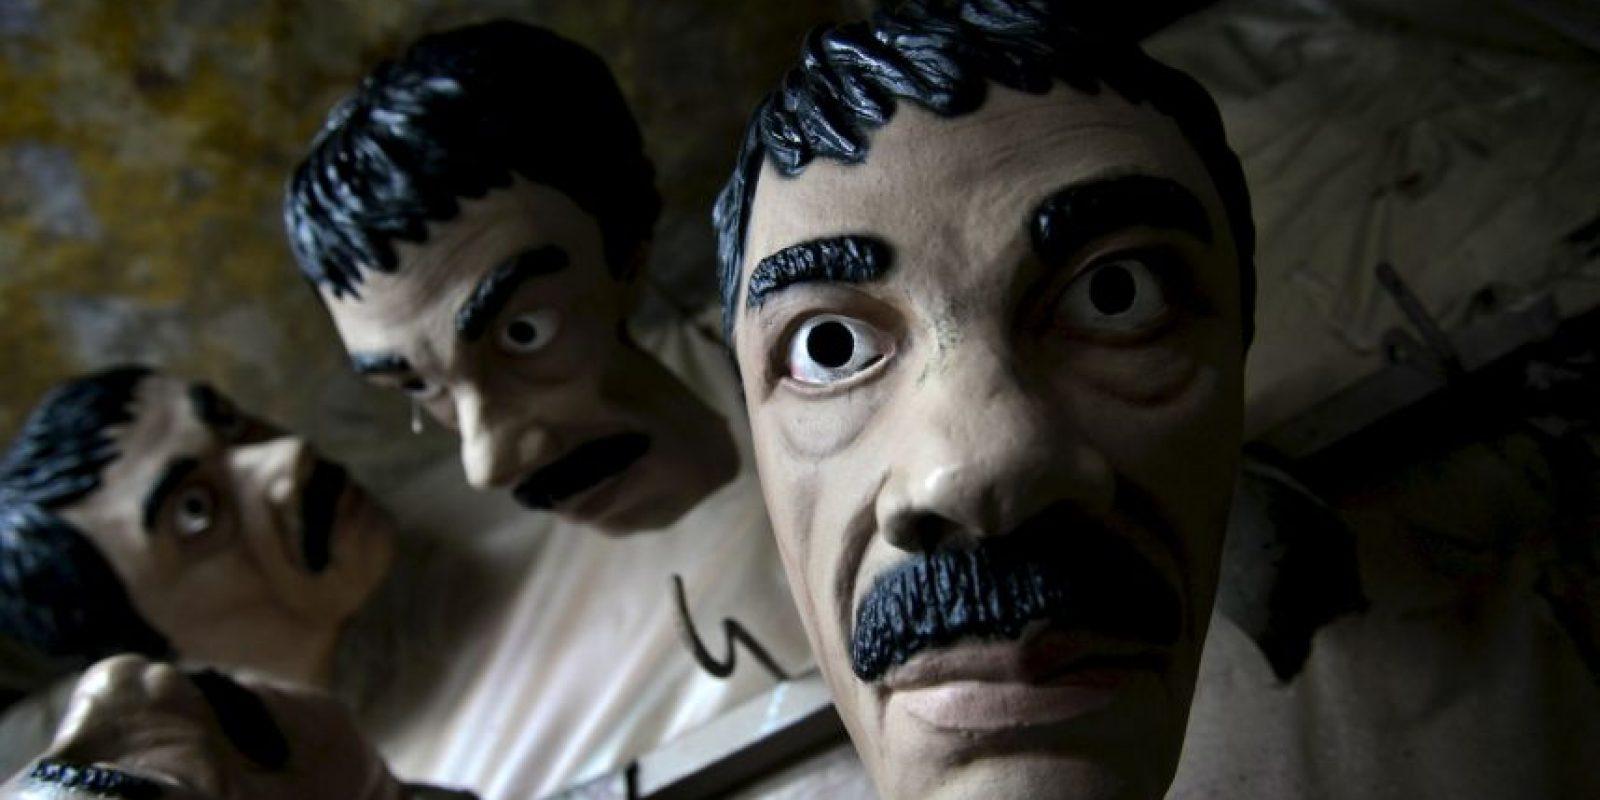 """Comerciantes aprovechan la fuga del """"Chapo"""" para vender artículos alusivos al capo. Foto:AP"""